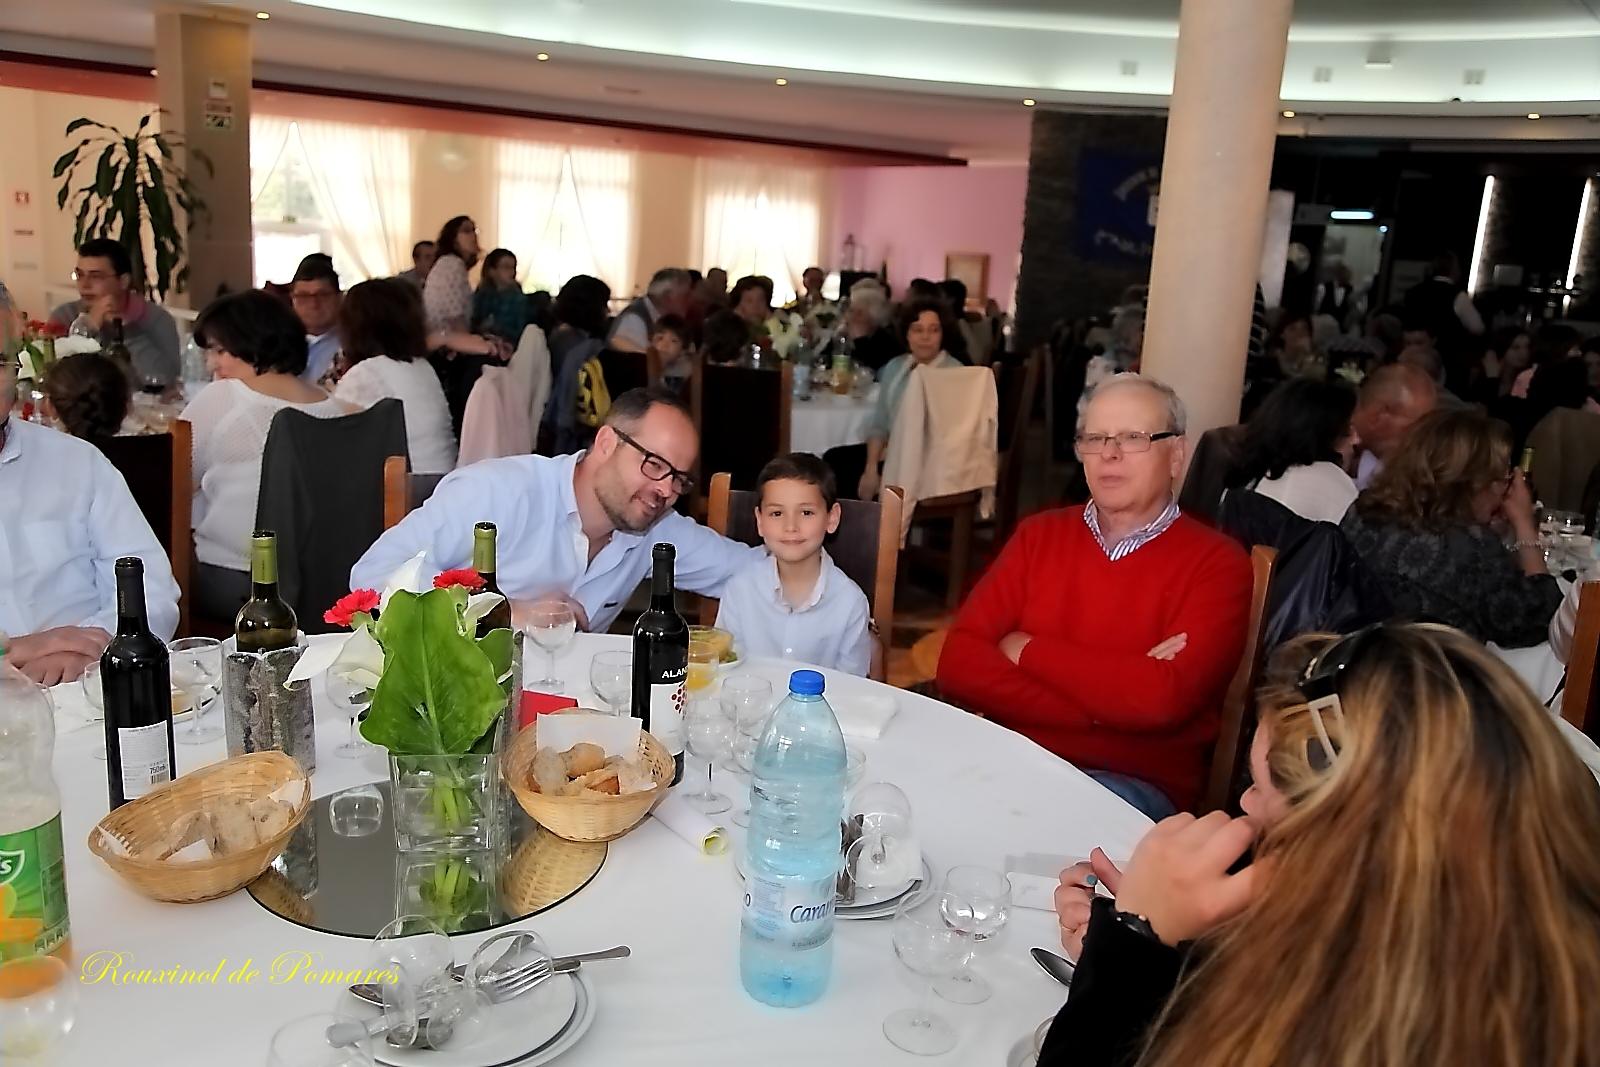 Almoço Comemoração 95 Anos Sociedade  (31)